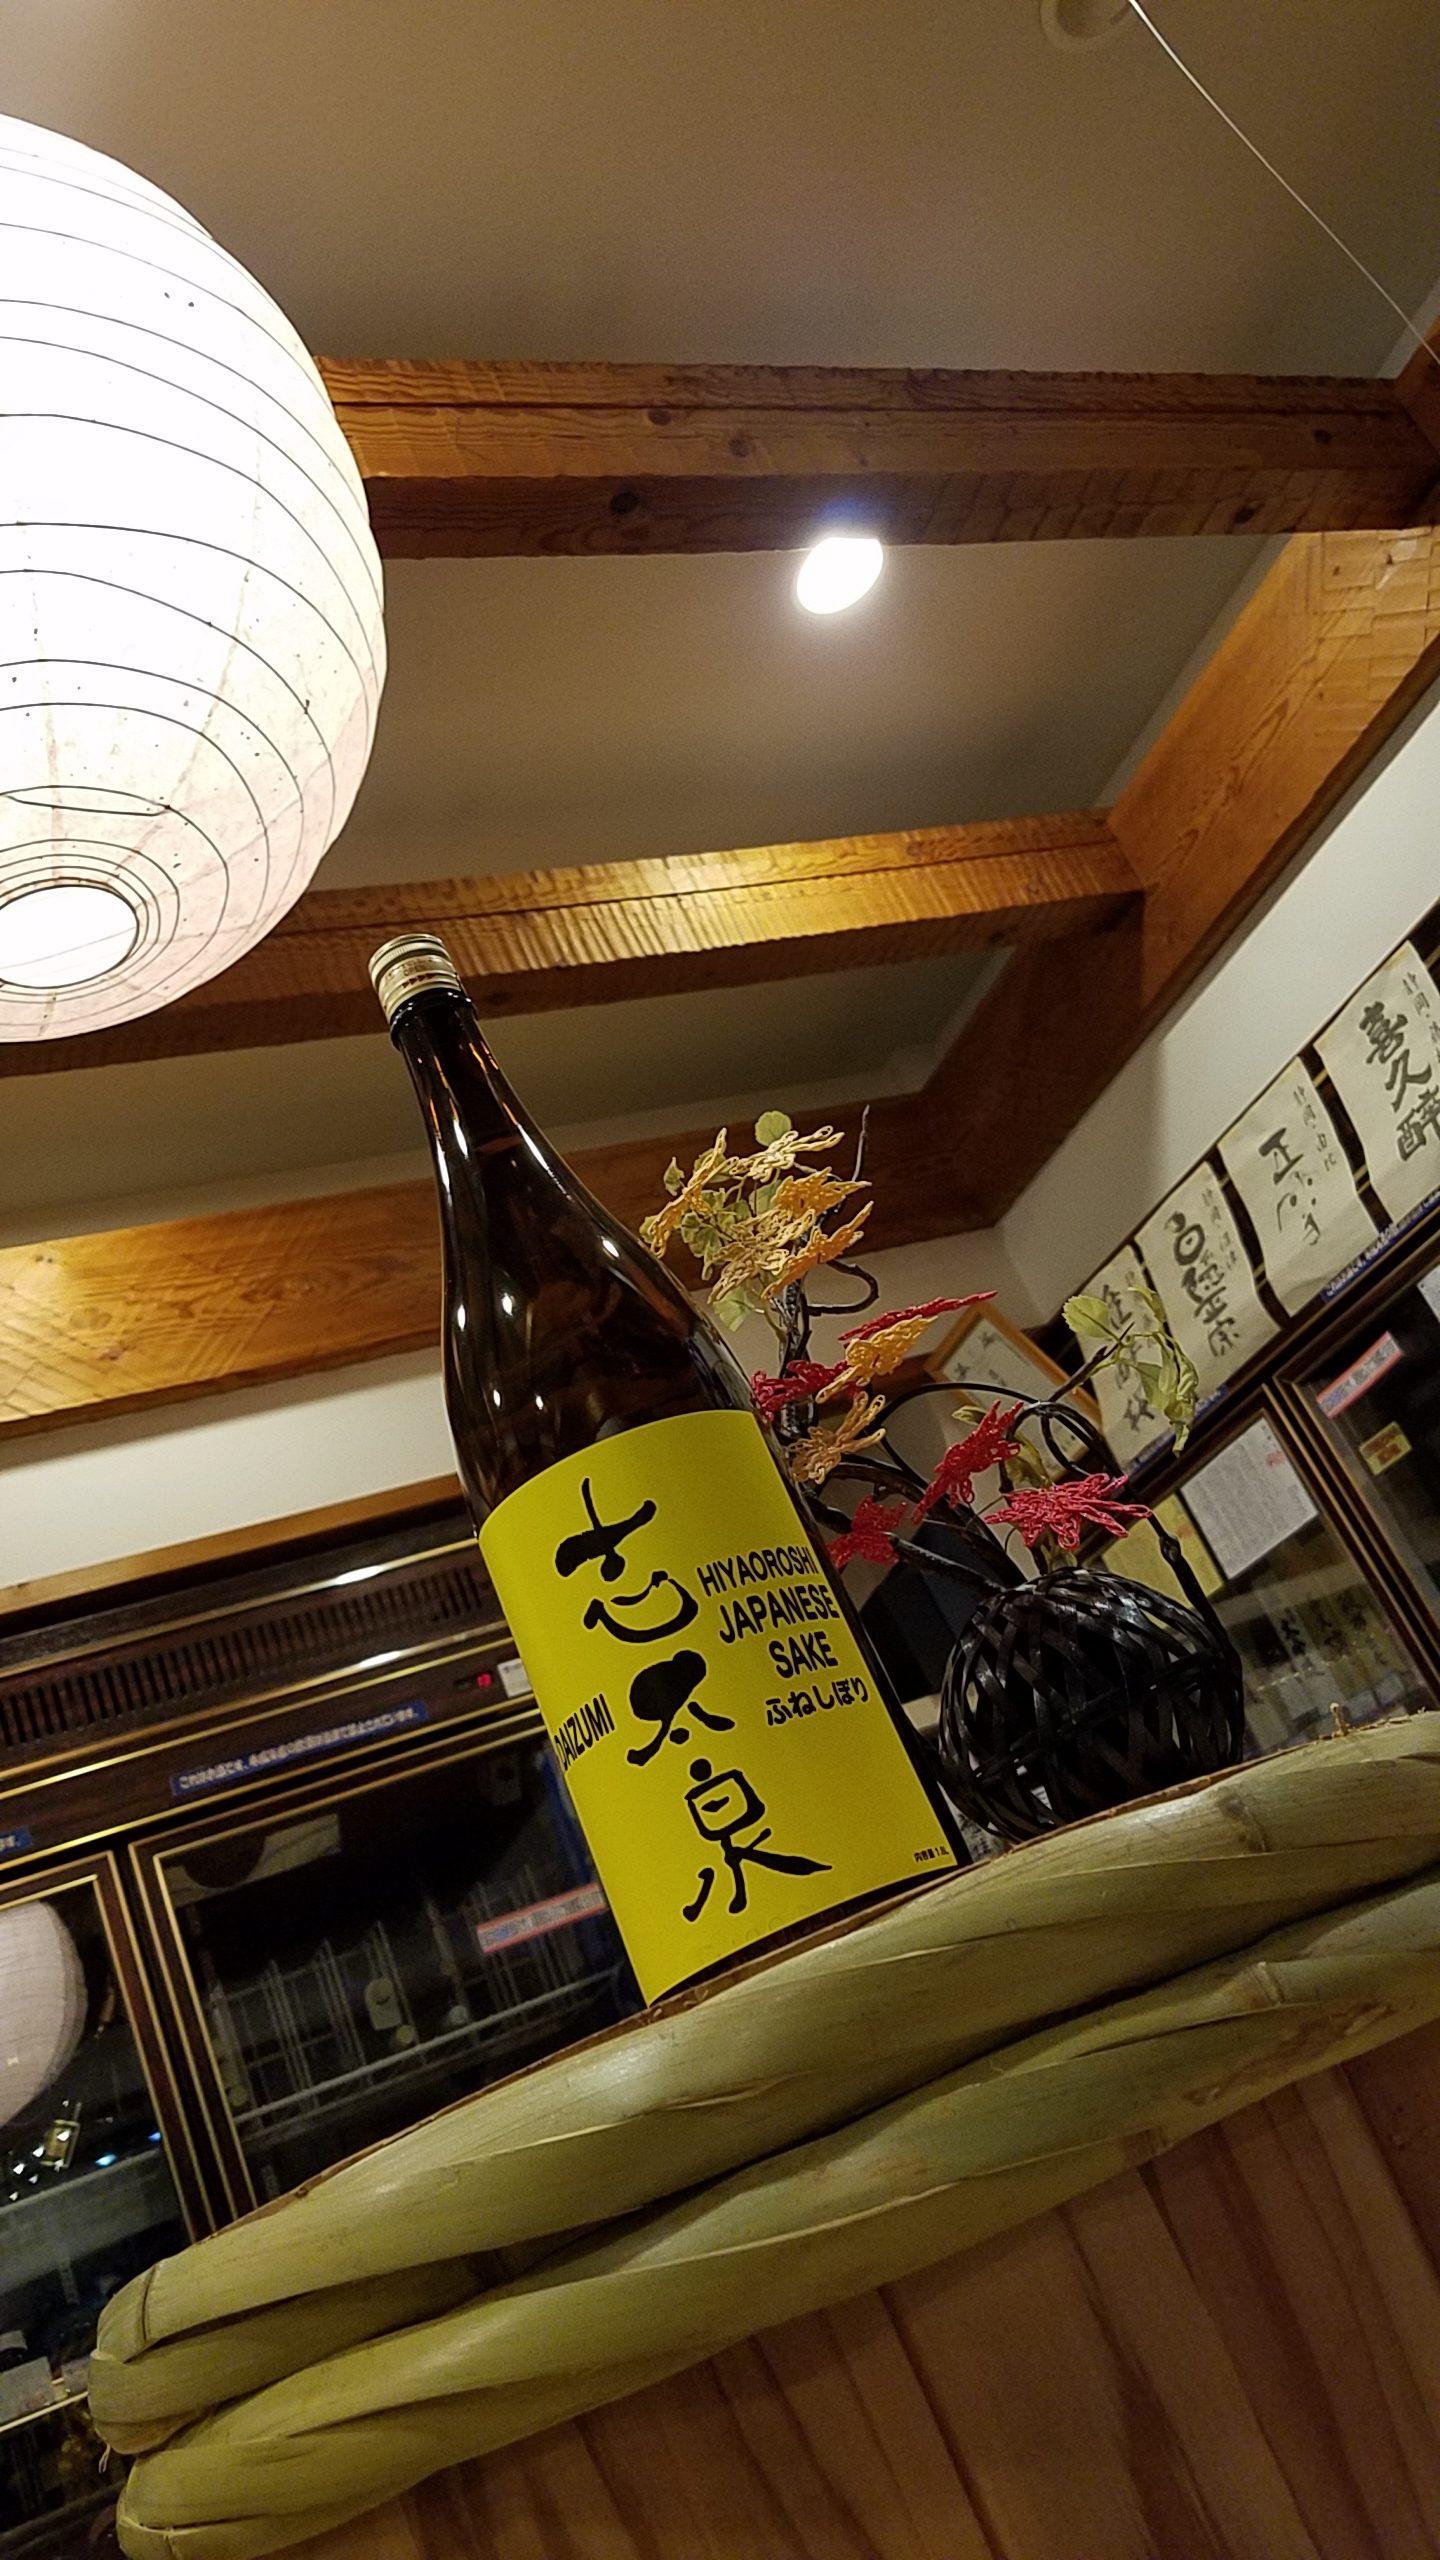 山田錦の普通原酒って…素晴らしいね〜